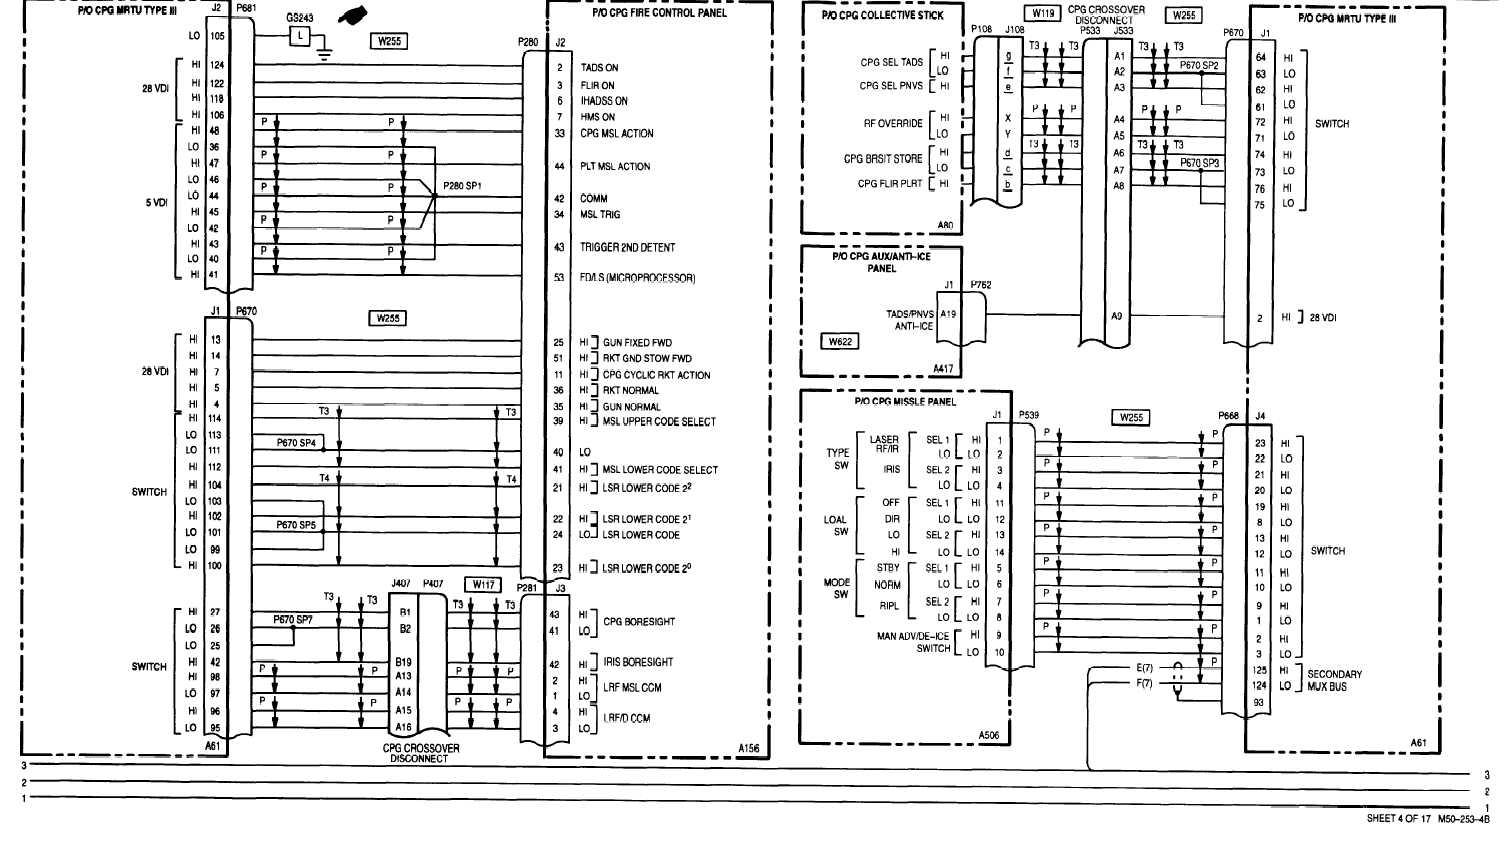 19-1  Multiplex - Wiring Diagram  Cont